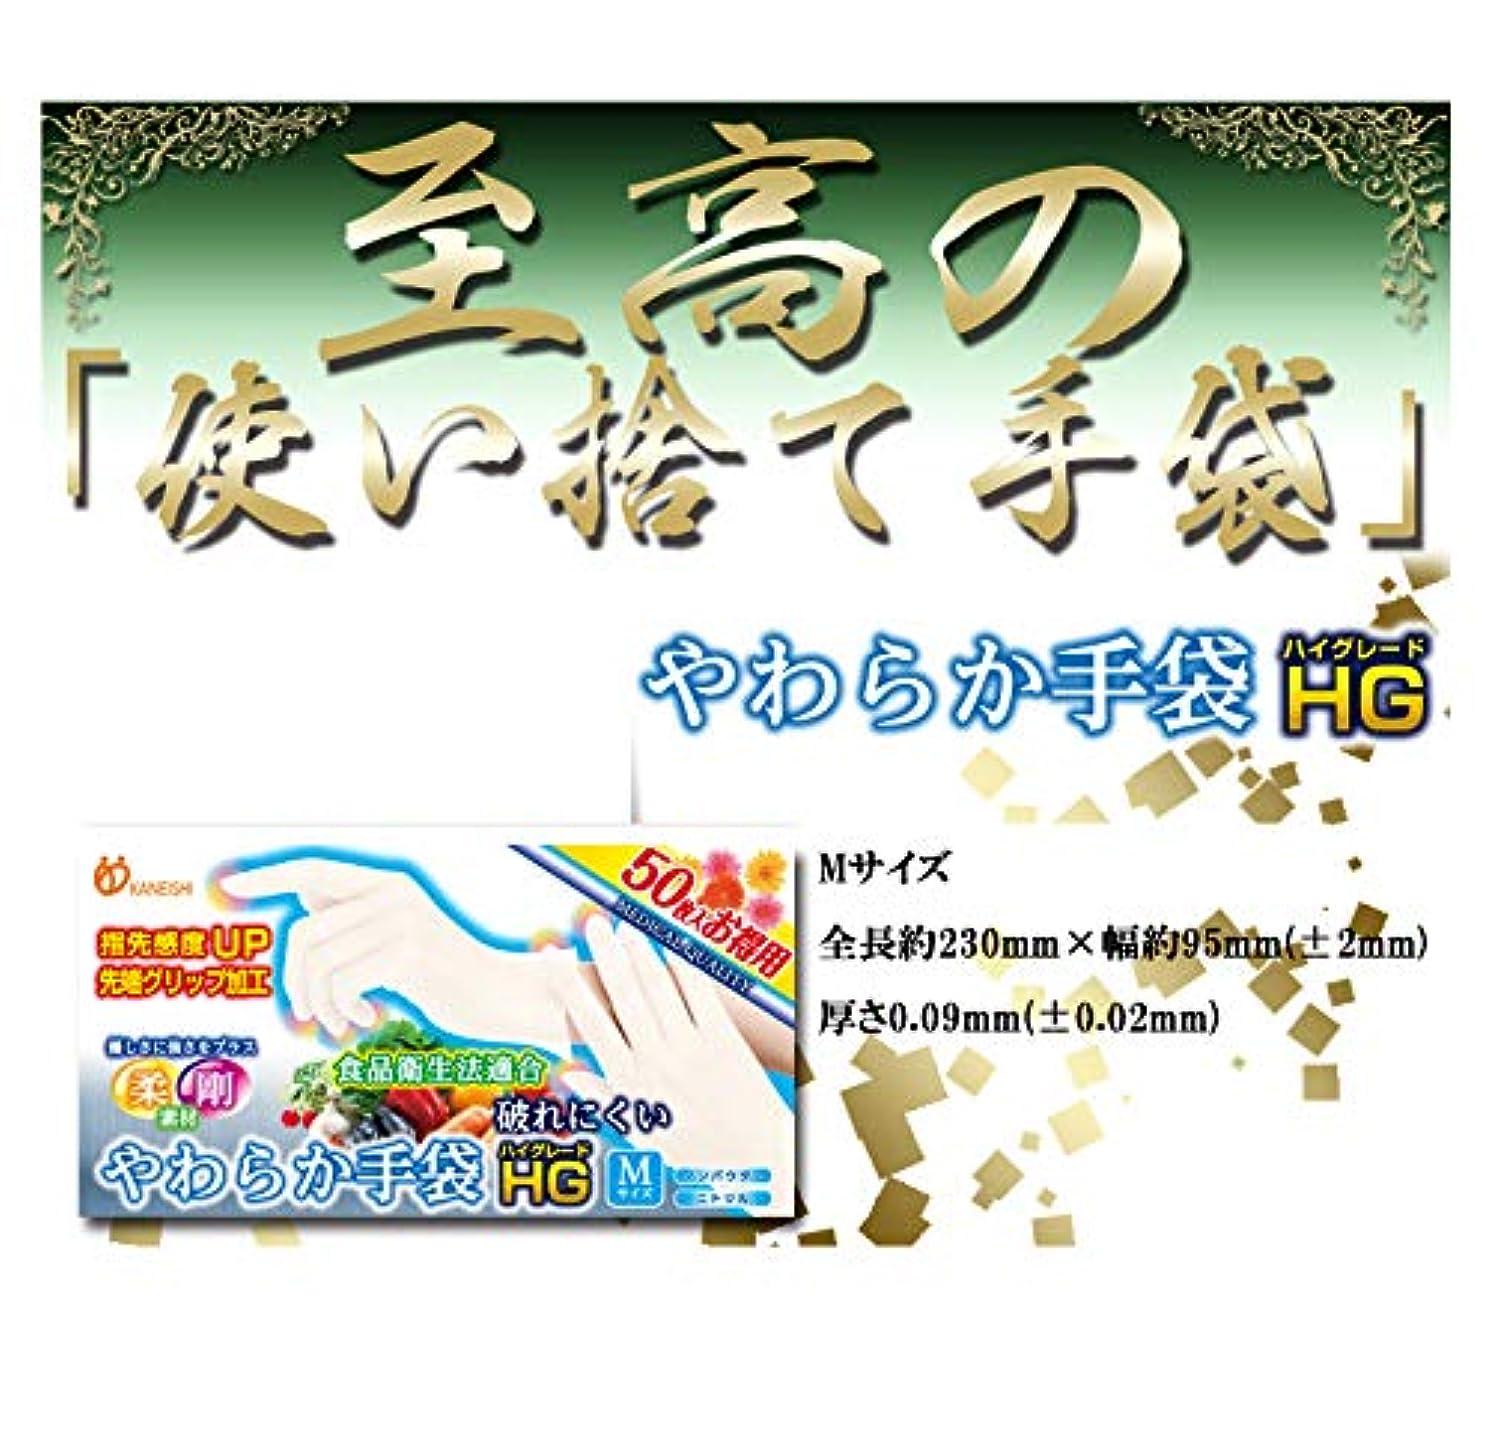 使い捨てニトリル手袋 カネイシ やわらかハイグレード手袋 粉無Mサイズ 白半透明 50枚入X10箱